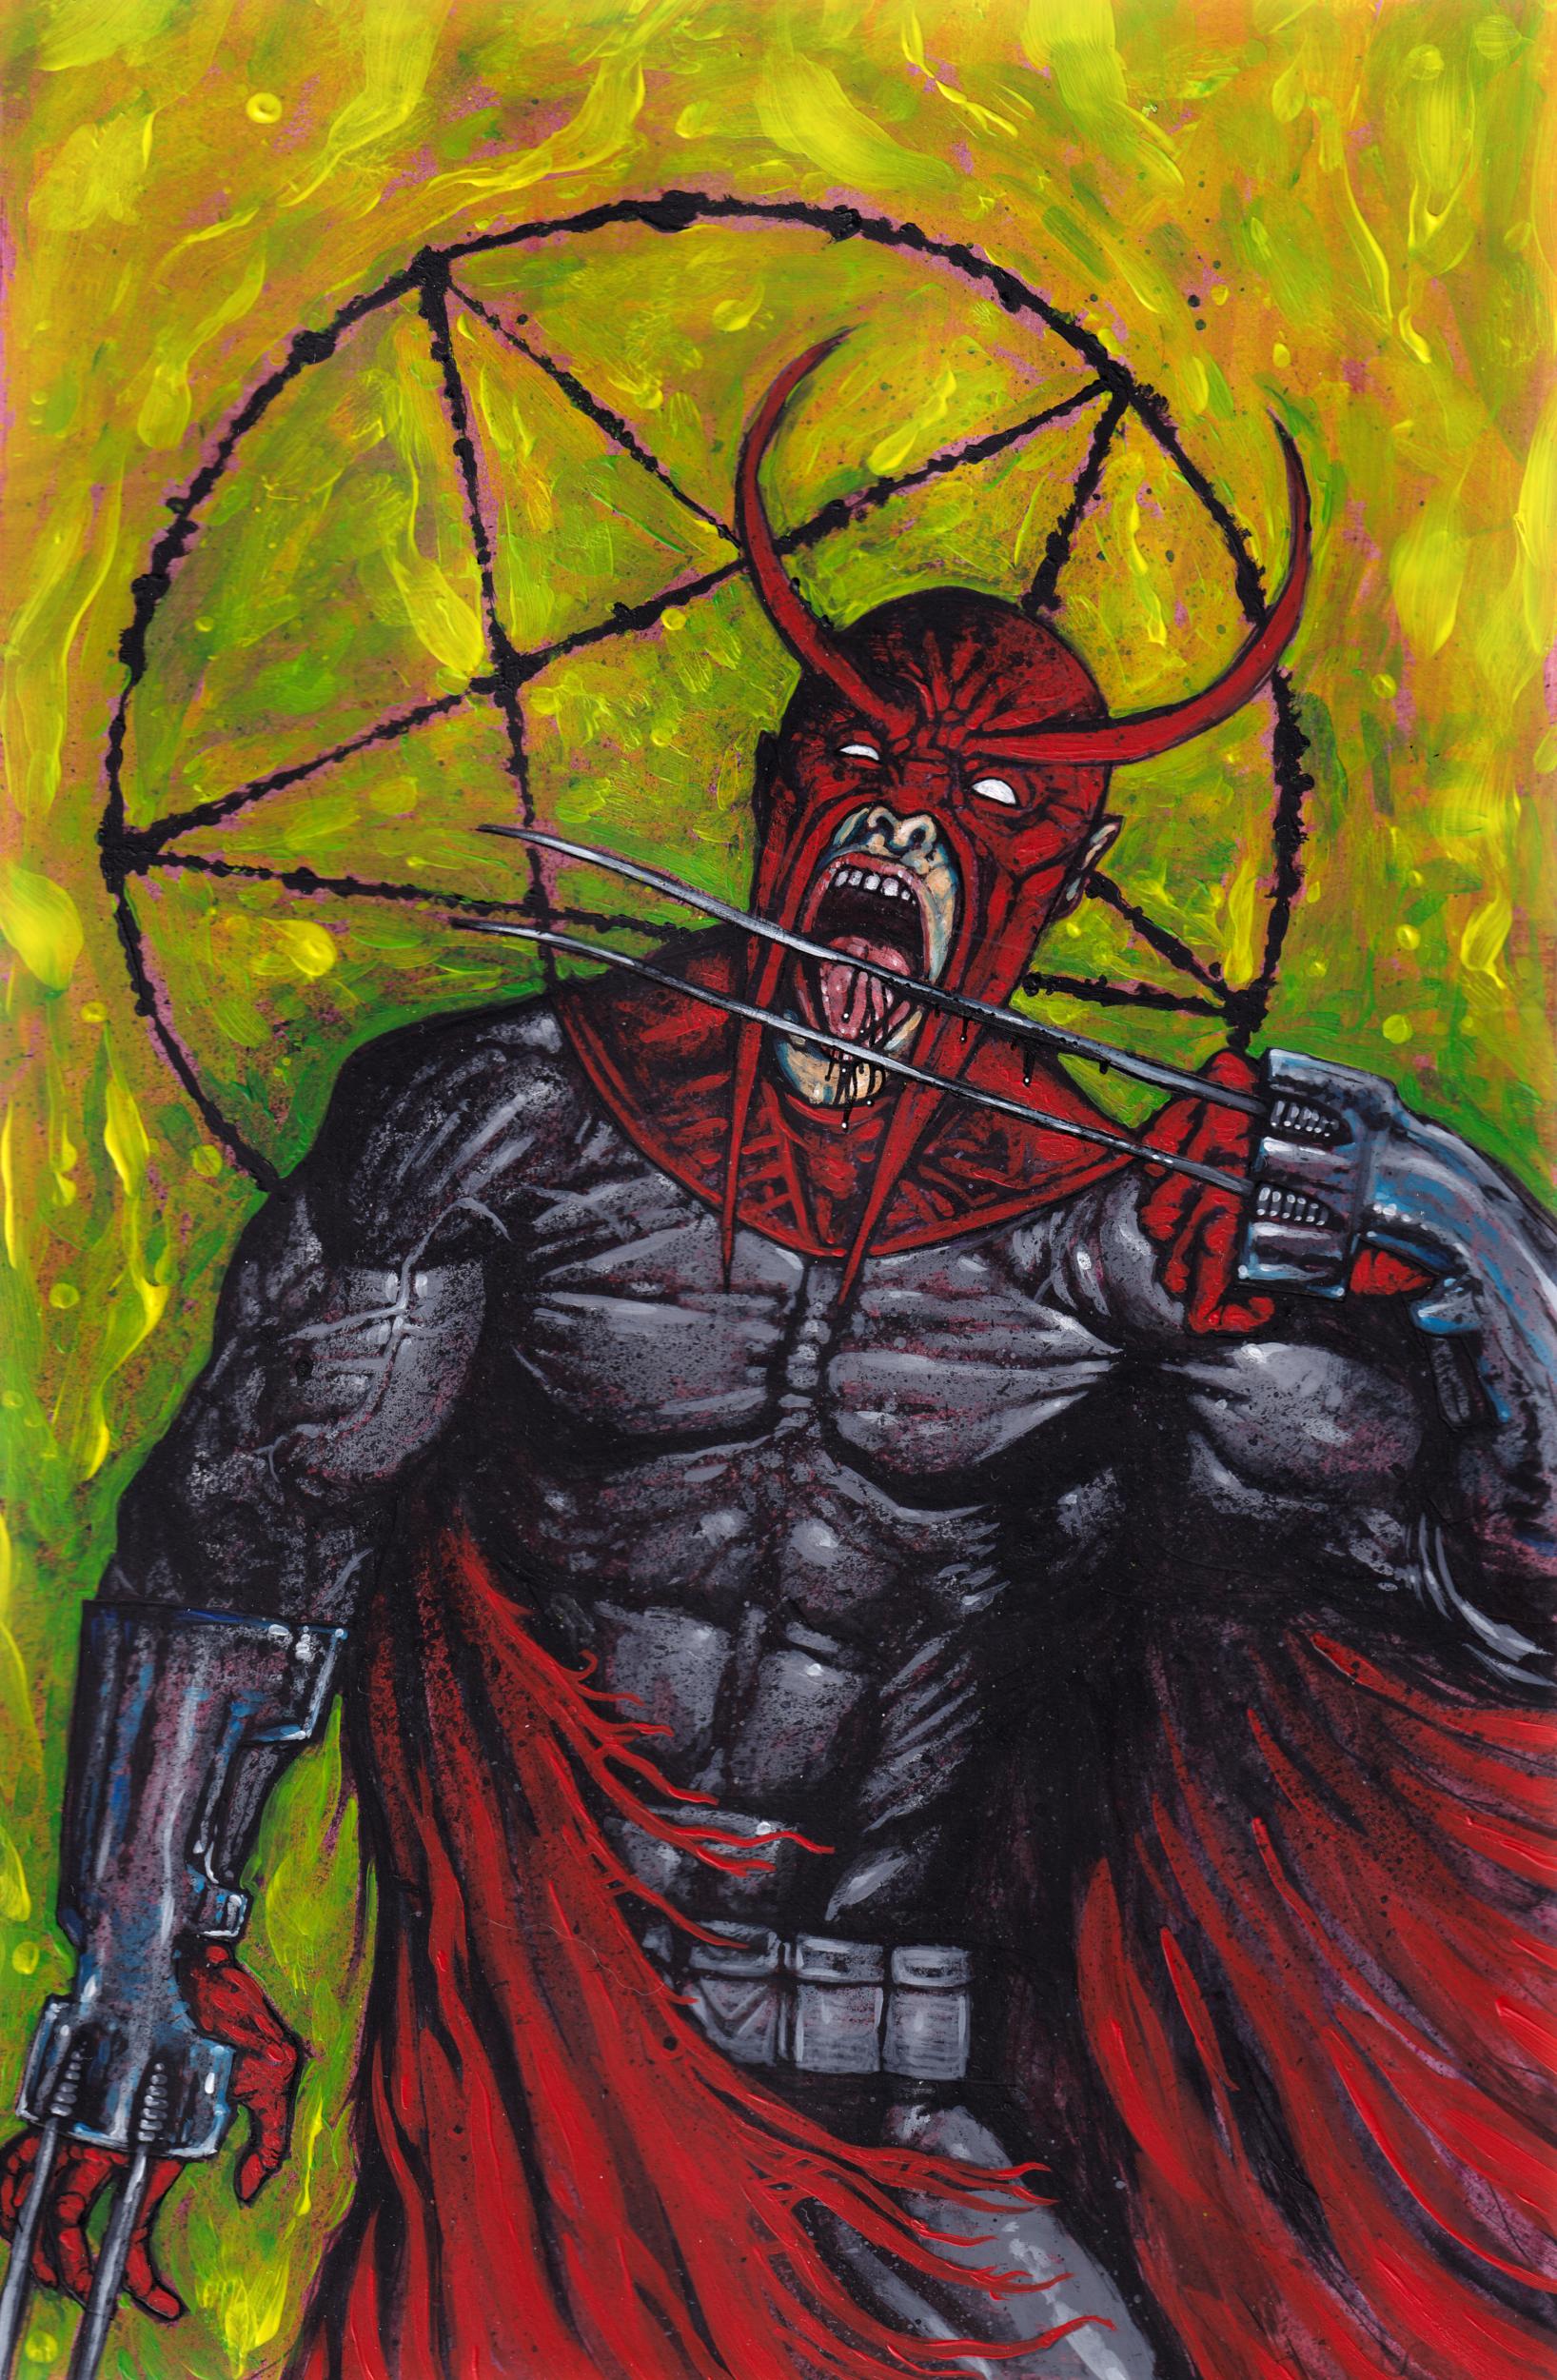 Faust Tim Vigil